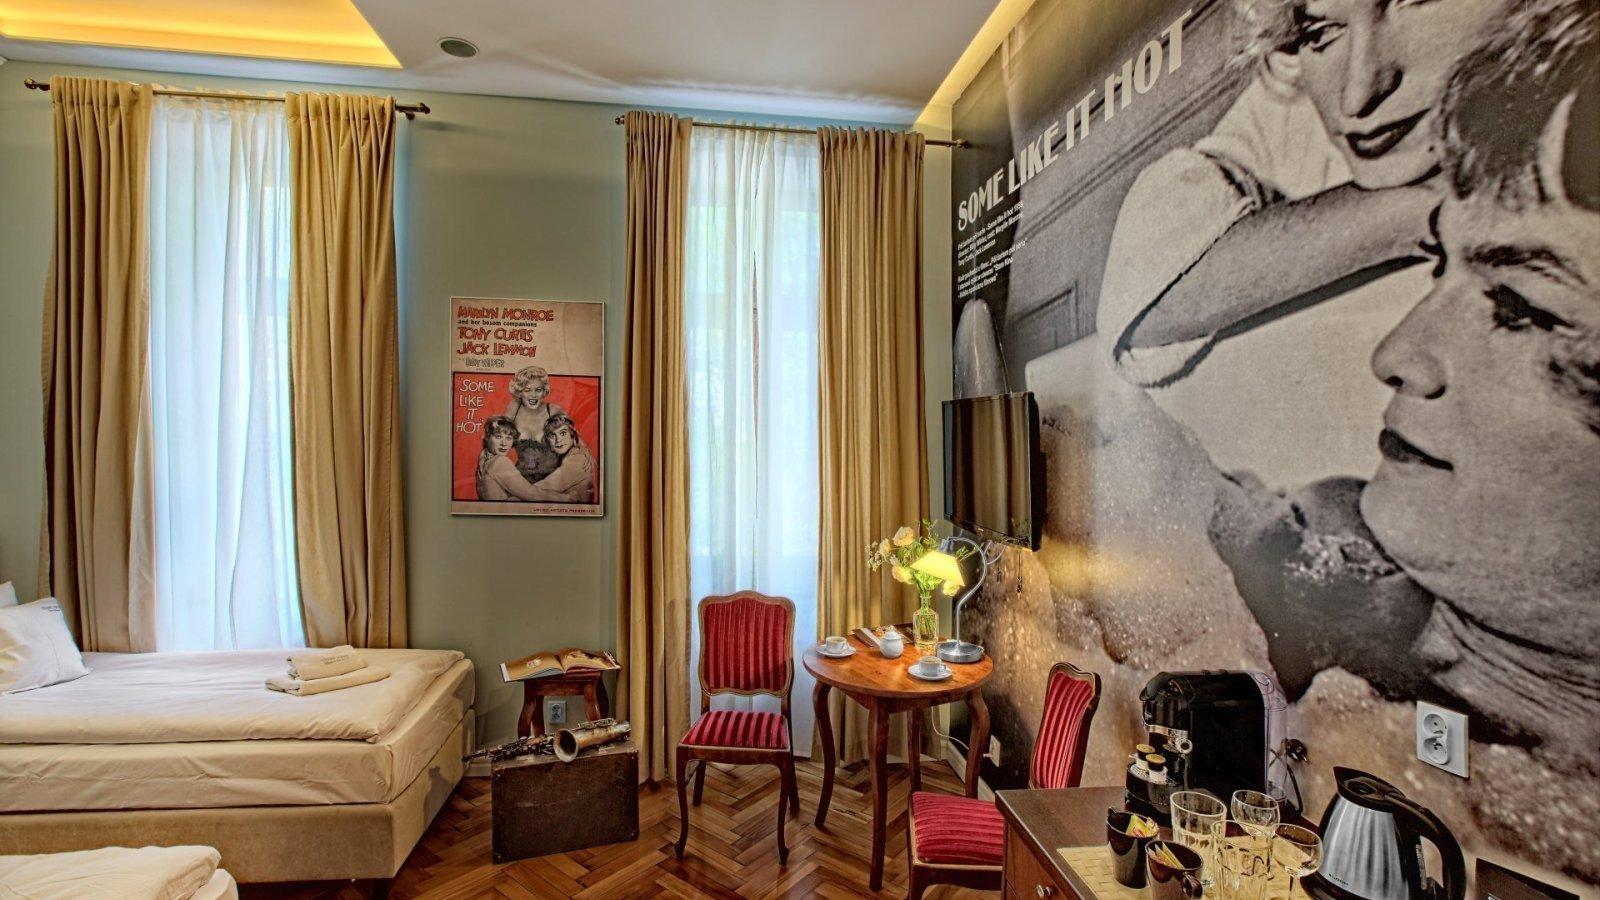 Hotel Łódź ulica Piotrkowska